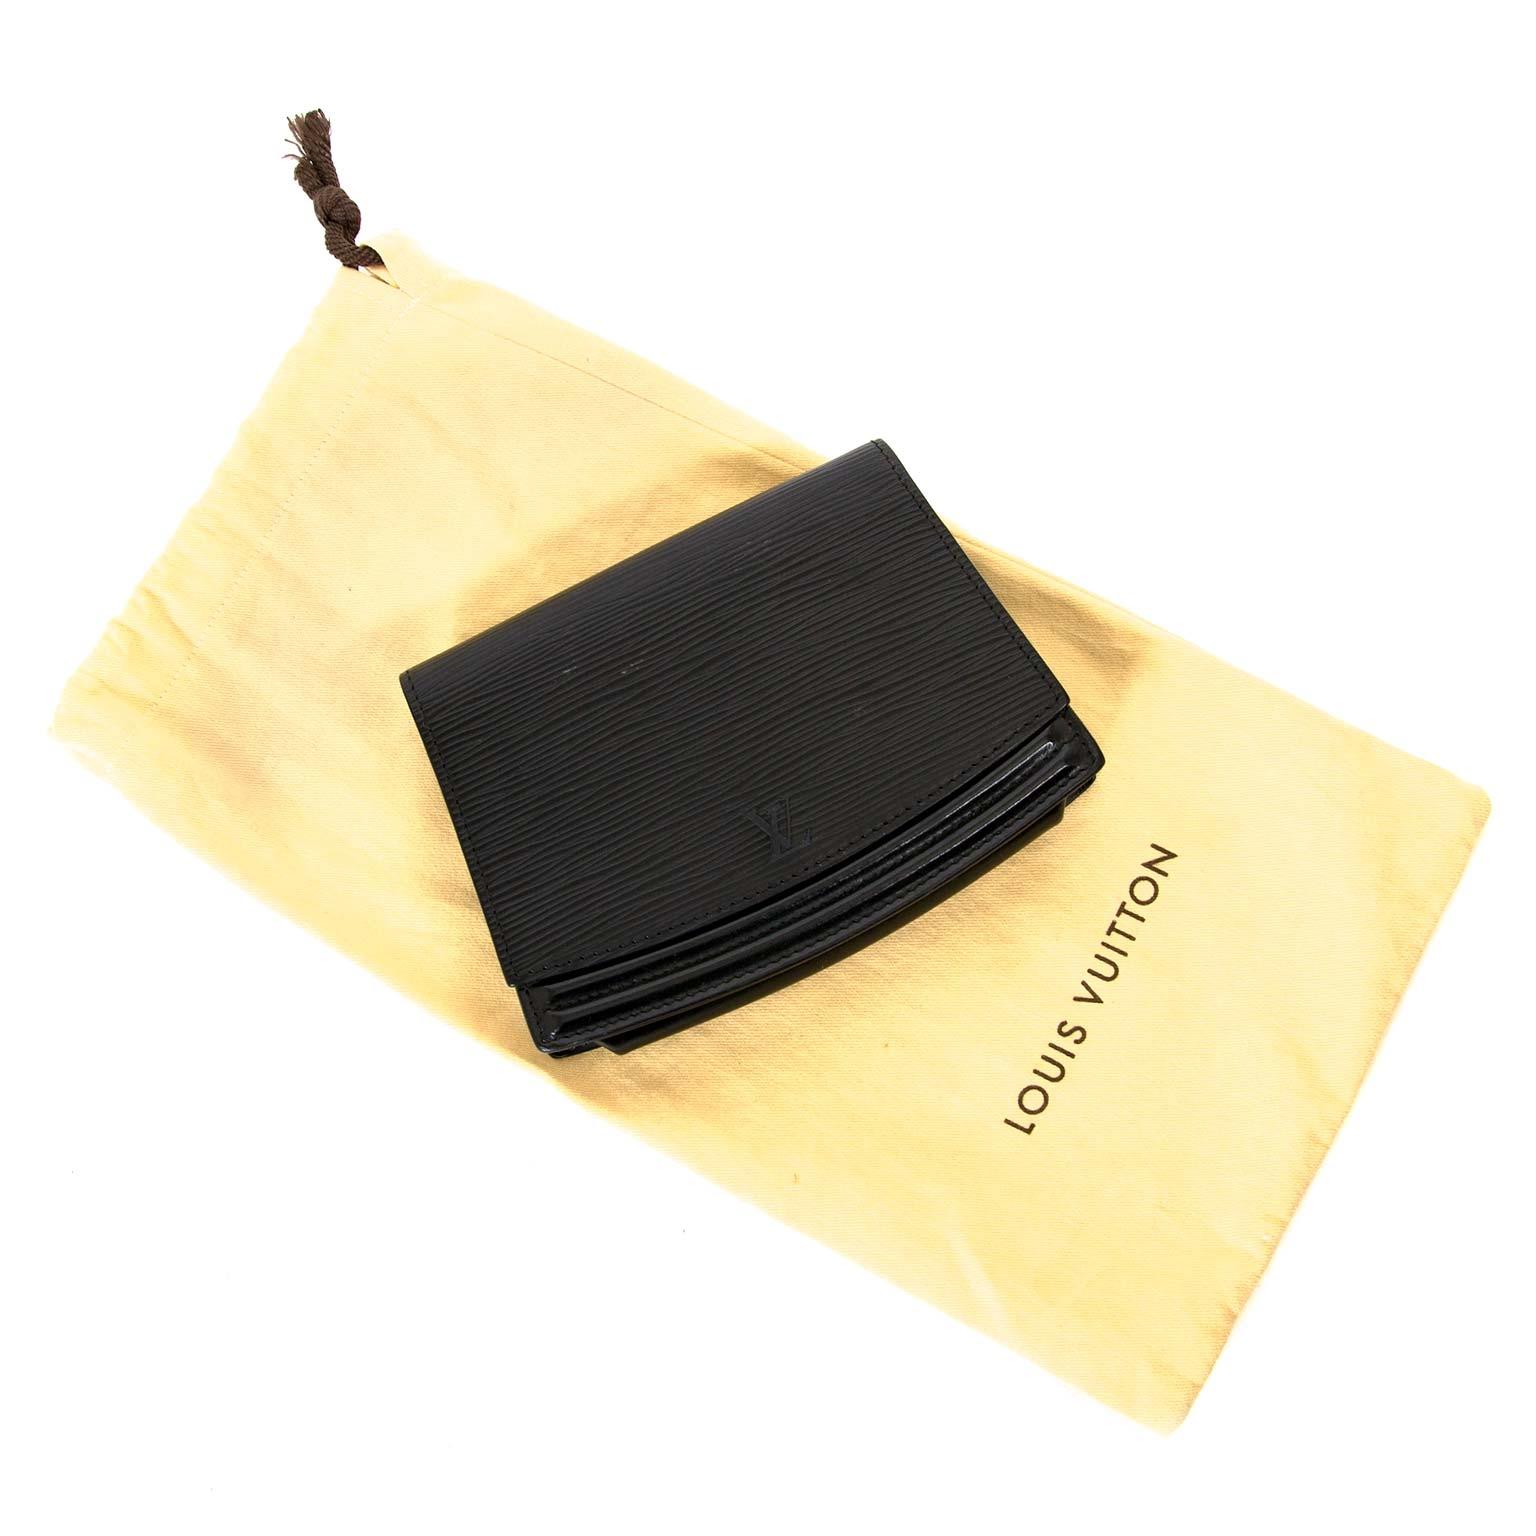 louis vuitton black epi leather belt bag now for sale at labellov vintage fashion webshop belgium